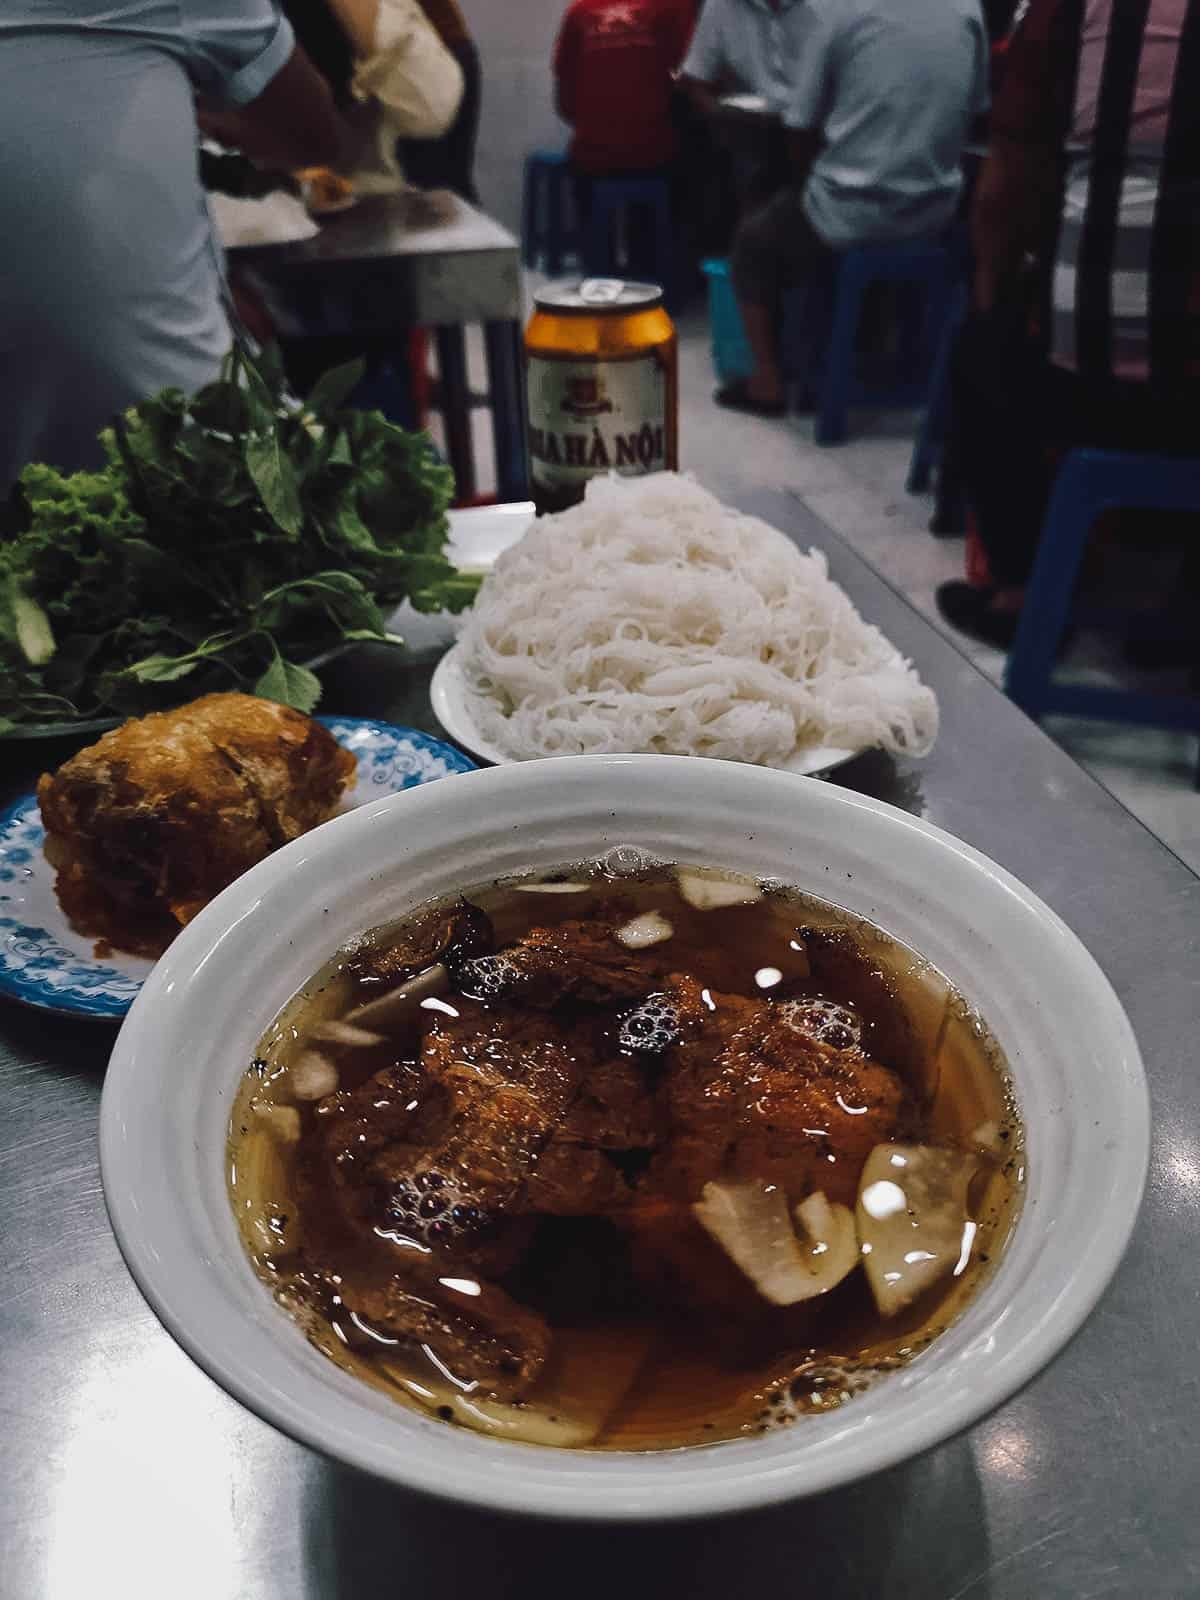 Bun cha at Bún chả Hương Liên